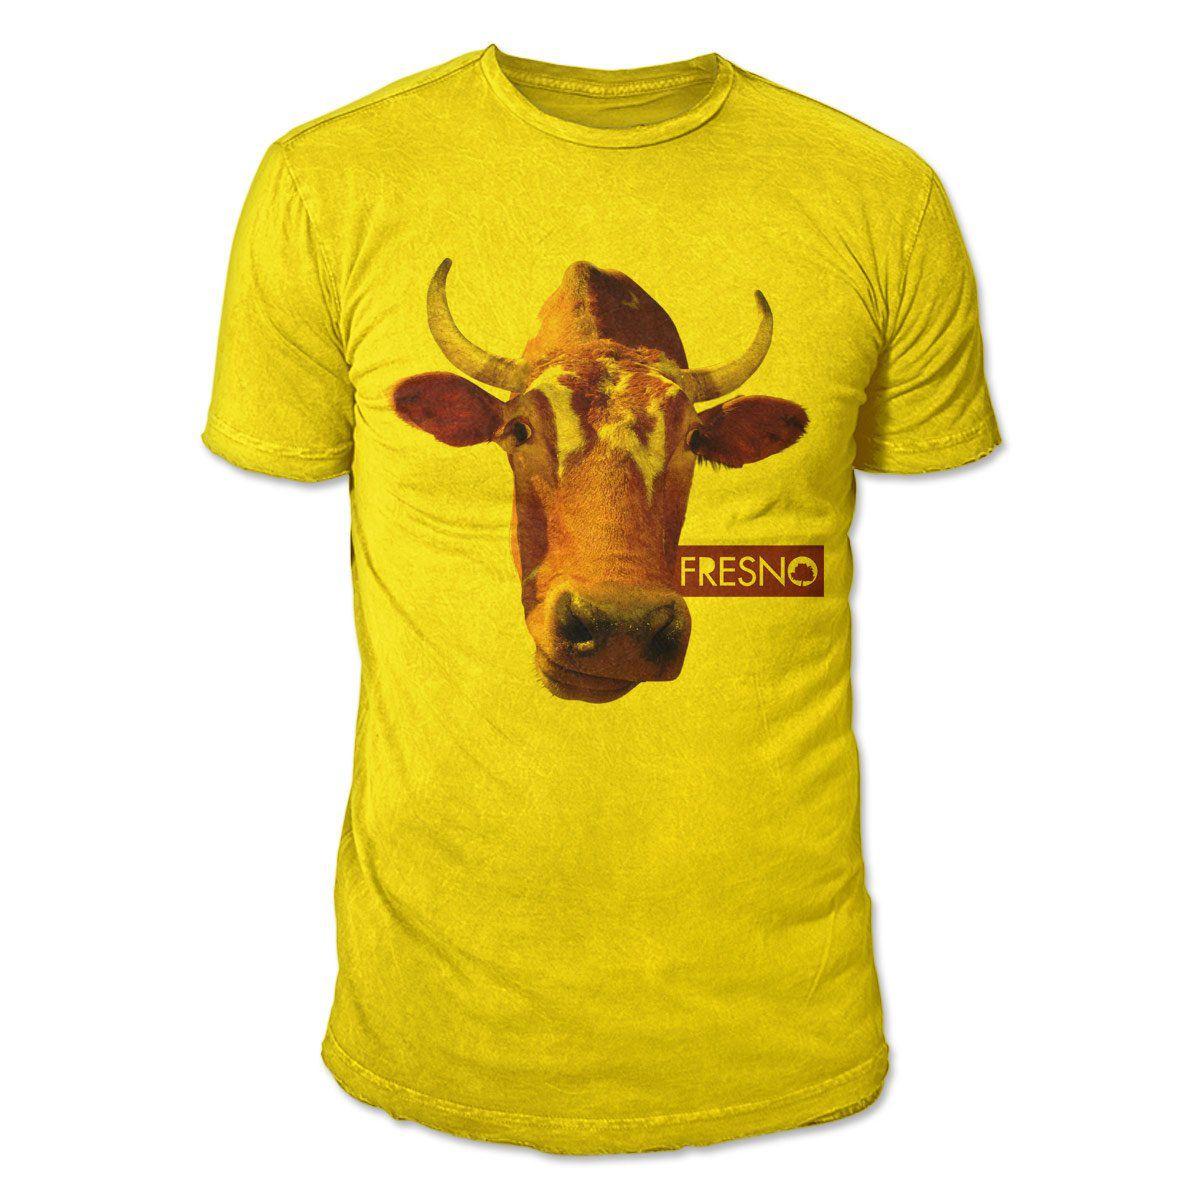 Camiseta Masculina Fresno - Boas Intenções